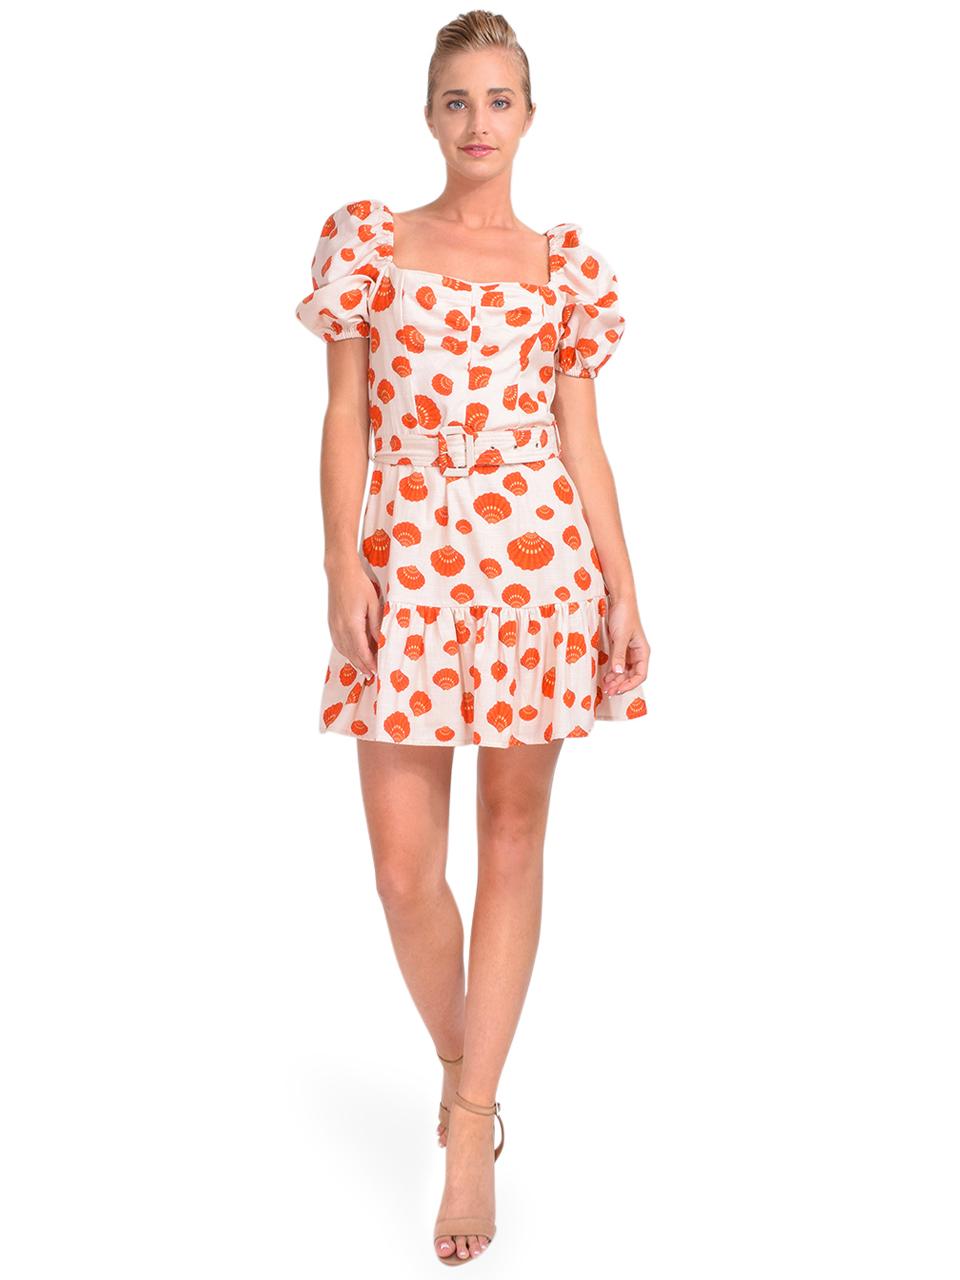 Karina Grimaldi Juliet Print Mini Dress in Tangerine Shells Front View  x1https://cdn11.bigcommerce.com/s-3wu6n/products/34004/images/113307/DSC_0973__96569.1621305526.244.365.jpg?c=2x2